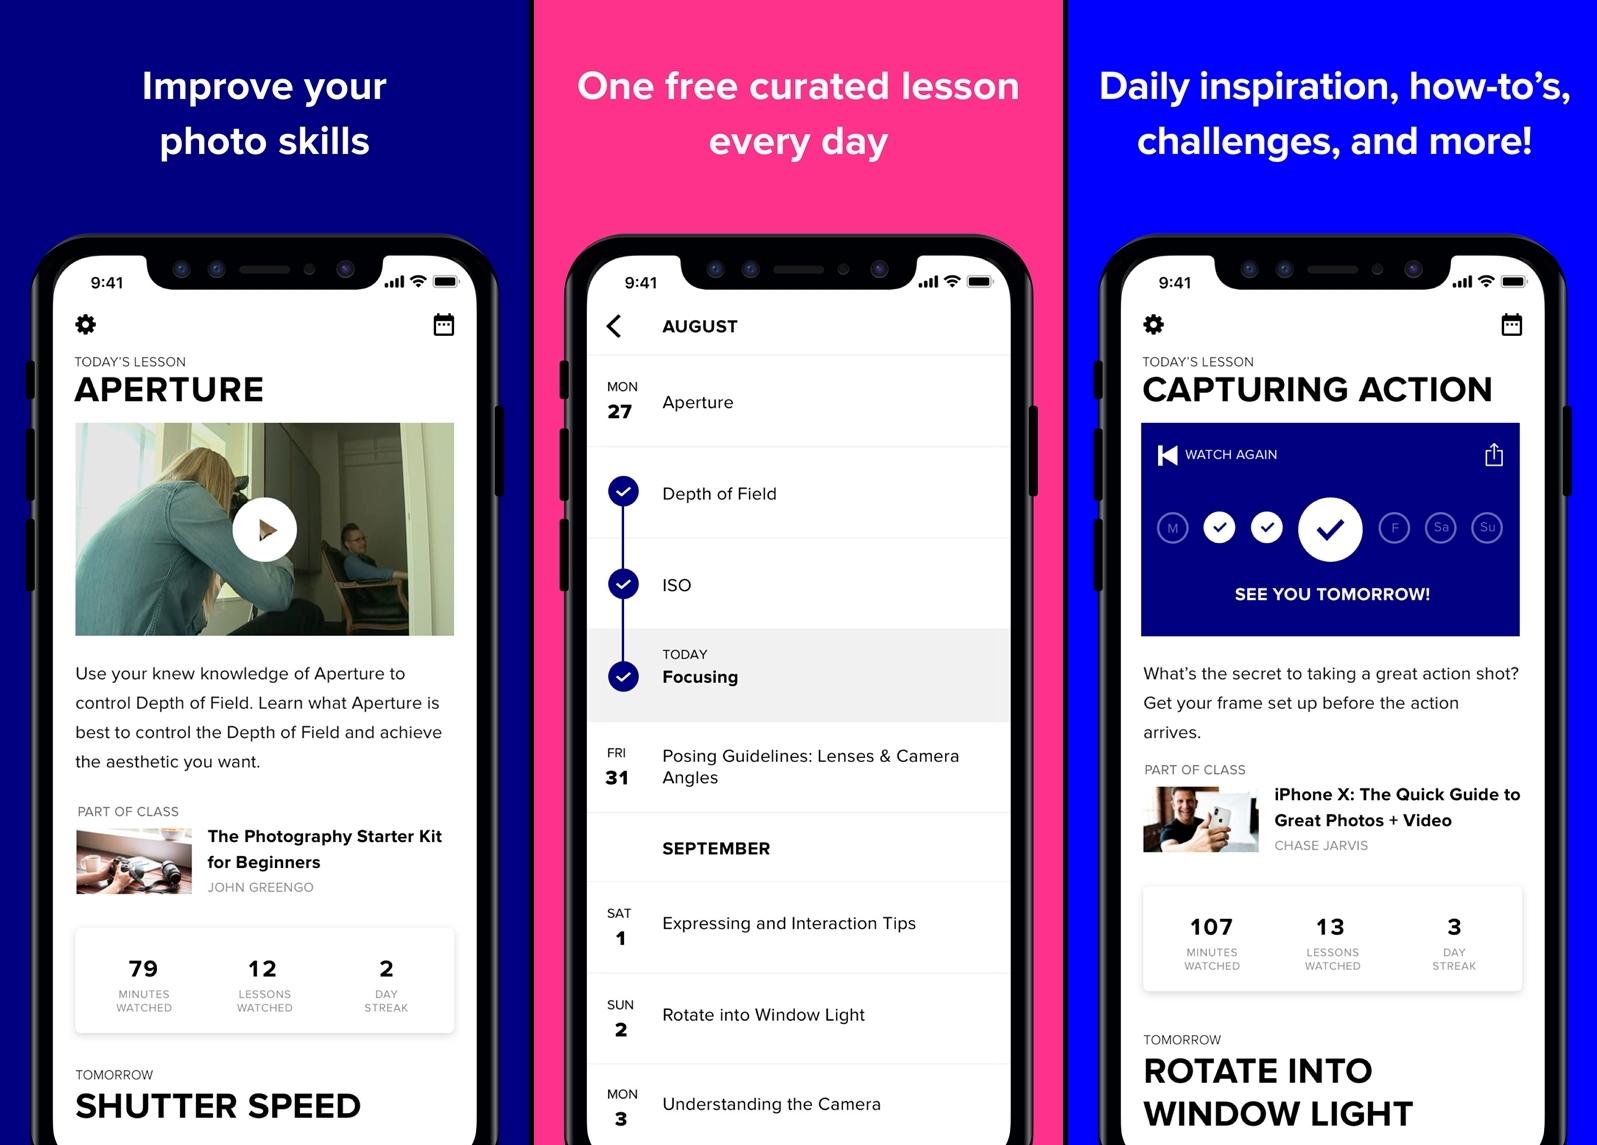 جديد التطبيقات: DailyFocus لتحسين مهاراتك في التصوير